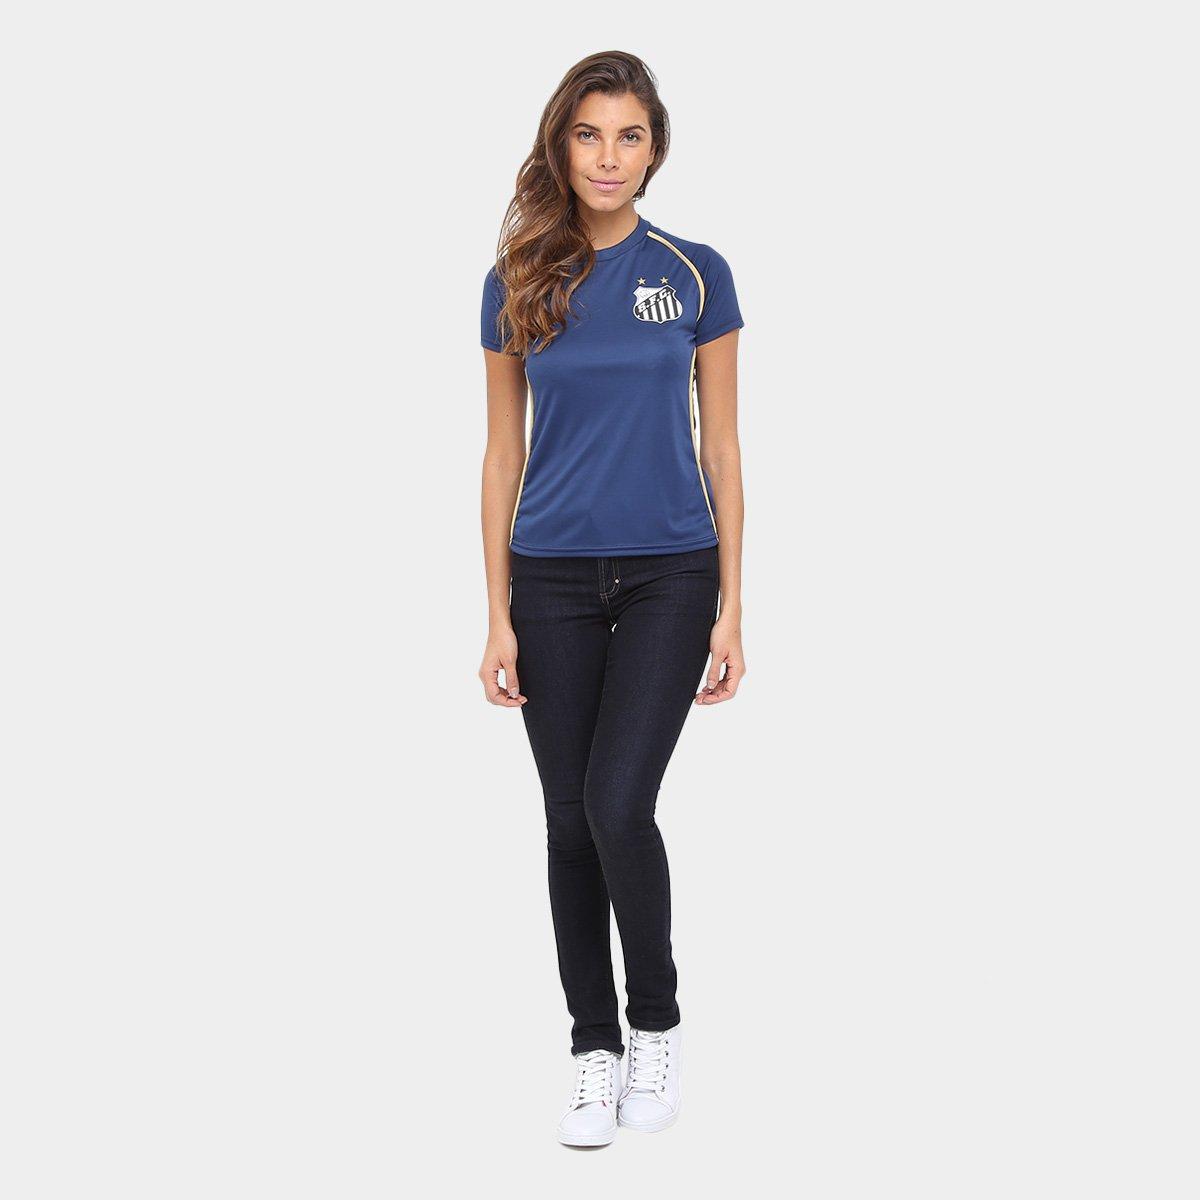 9b84e0df8f Camisa Santos 2008 s n° Feminina - Compre Agora